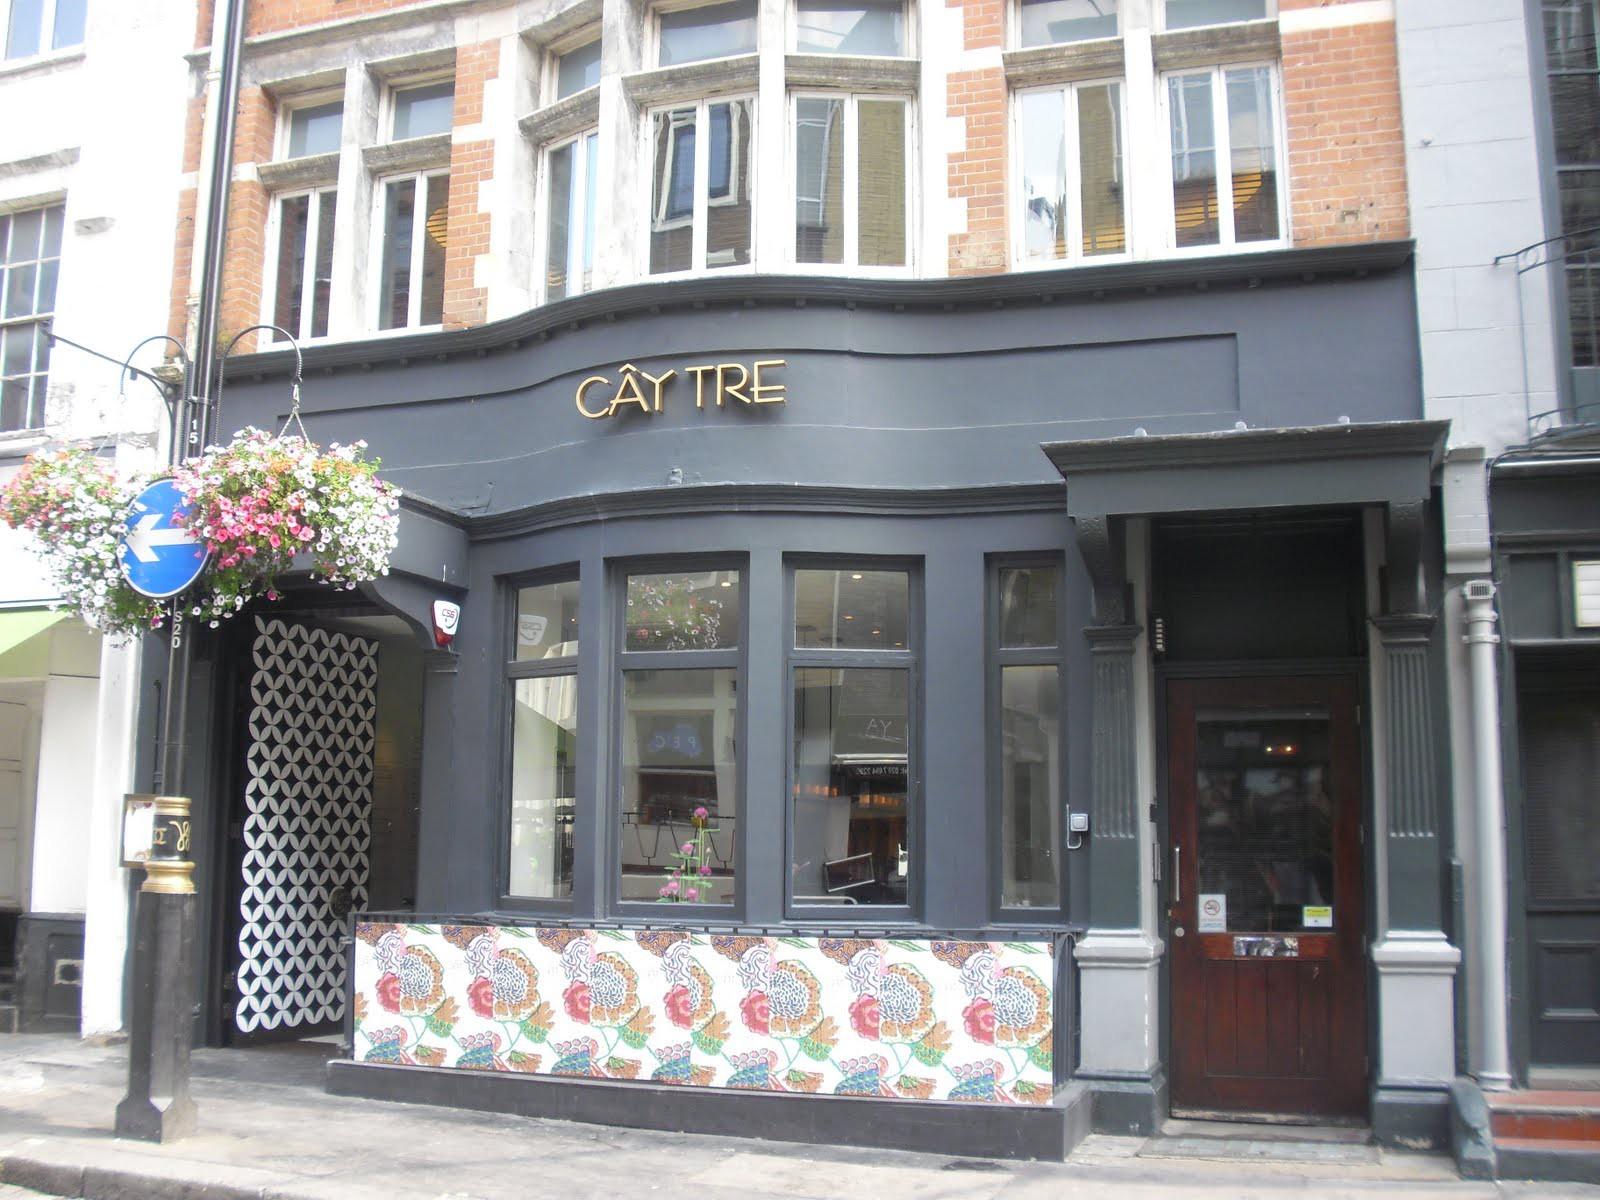 Những nhà hàng Việt tỏa sáng tại thành phố London - Ảnh 1.